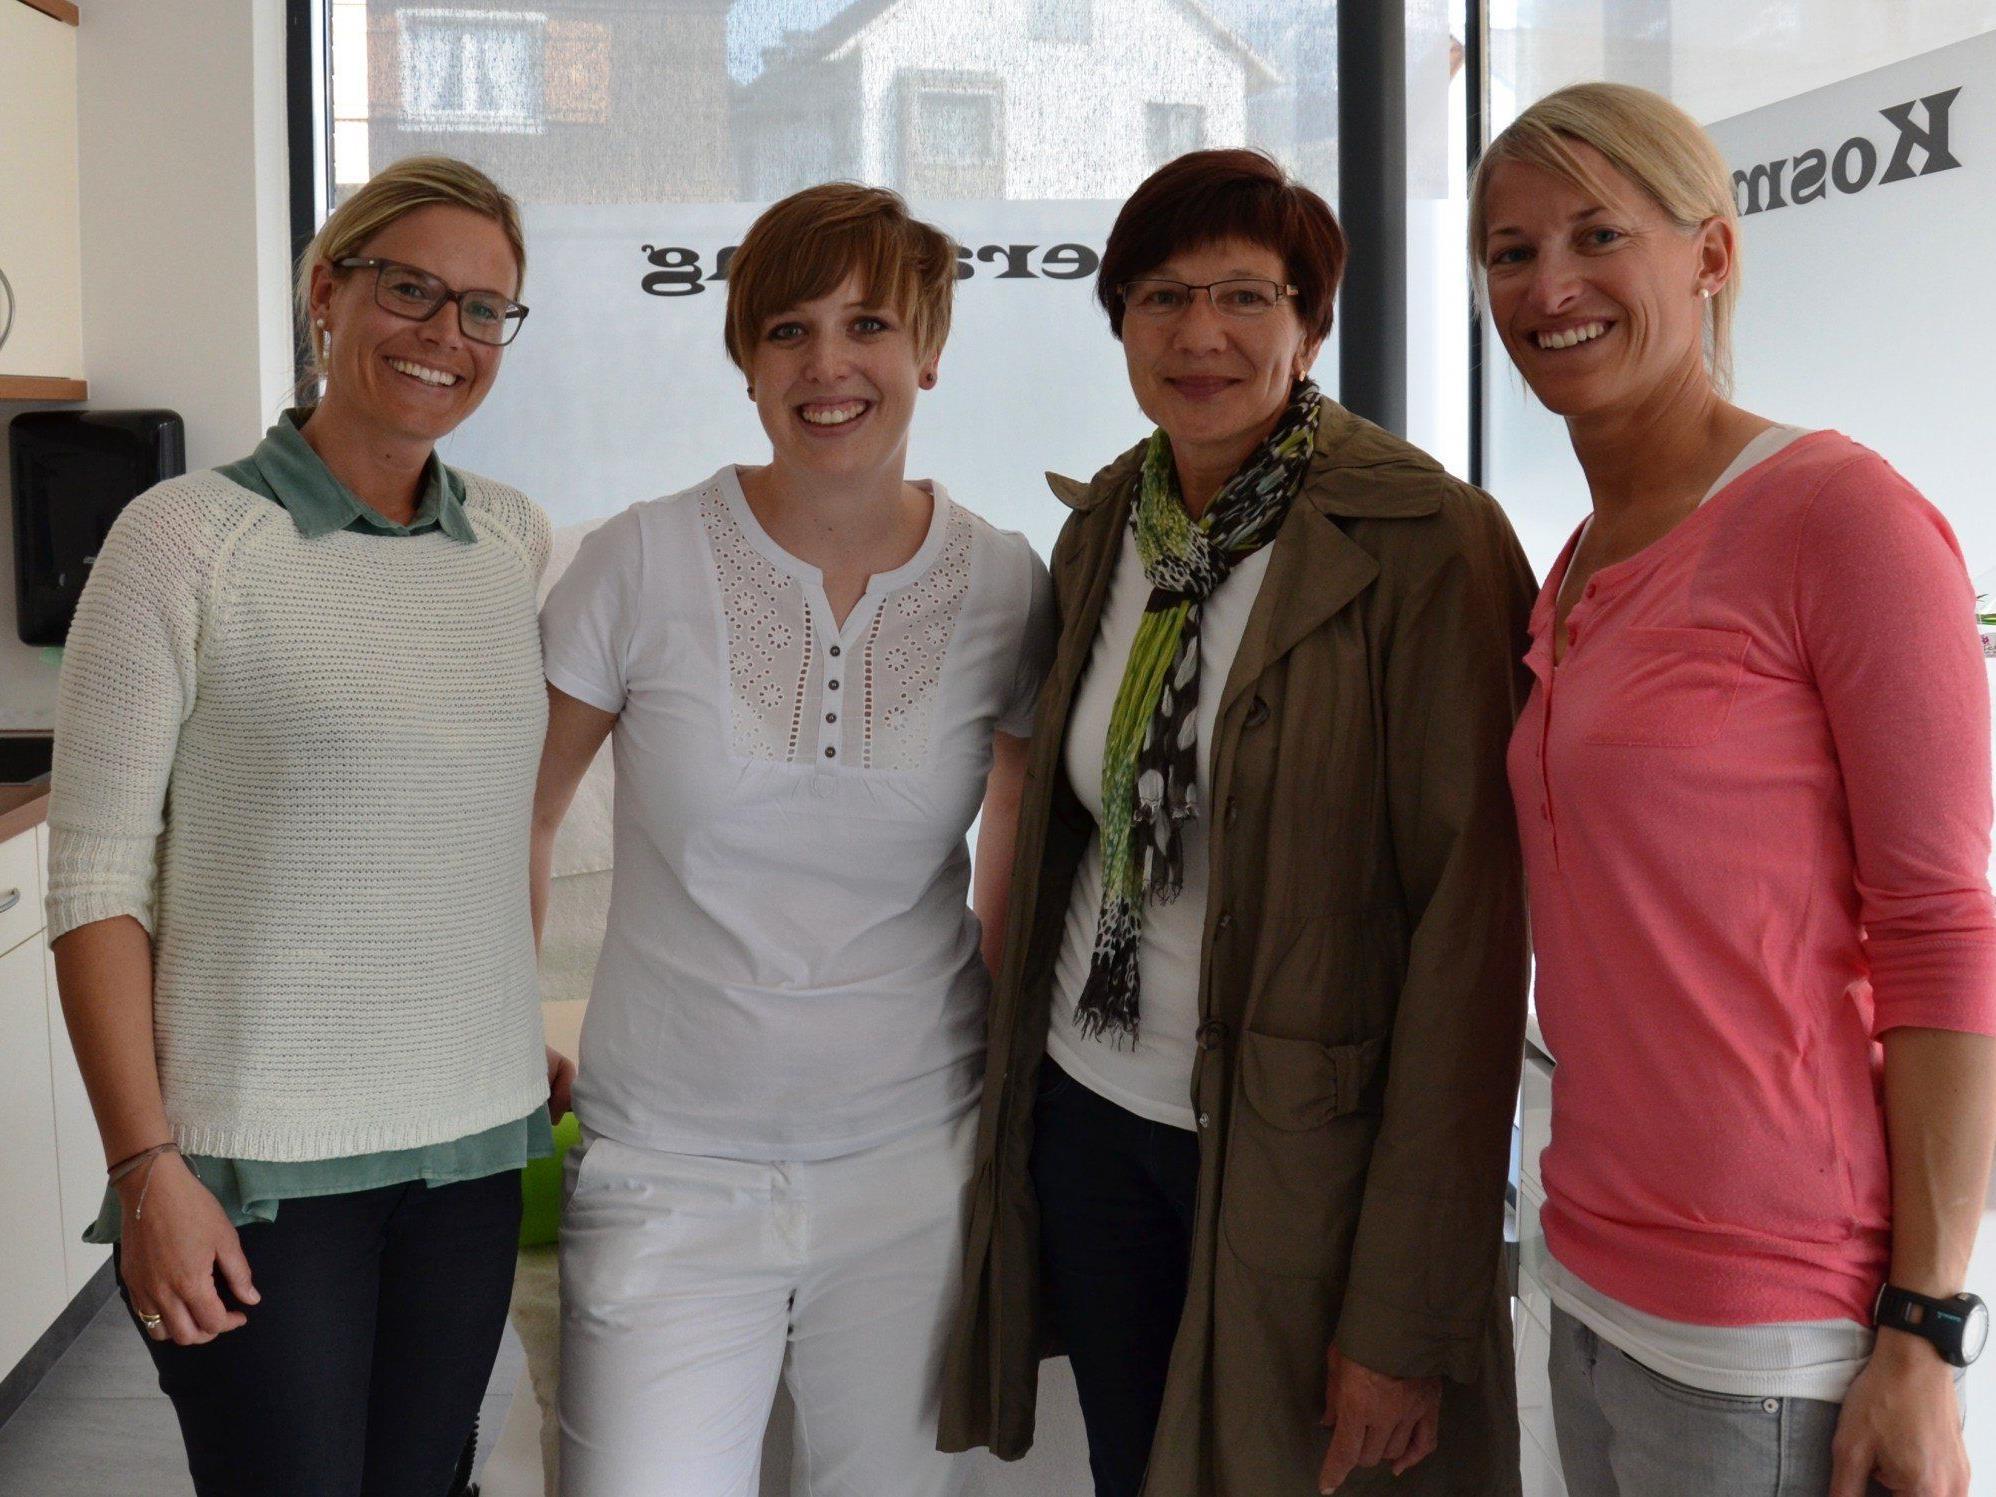 Melanie Fetz (zweite von links) als junge Unternehmerin